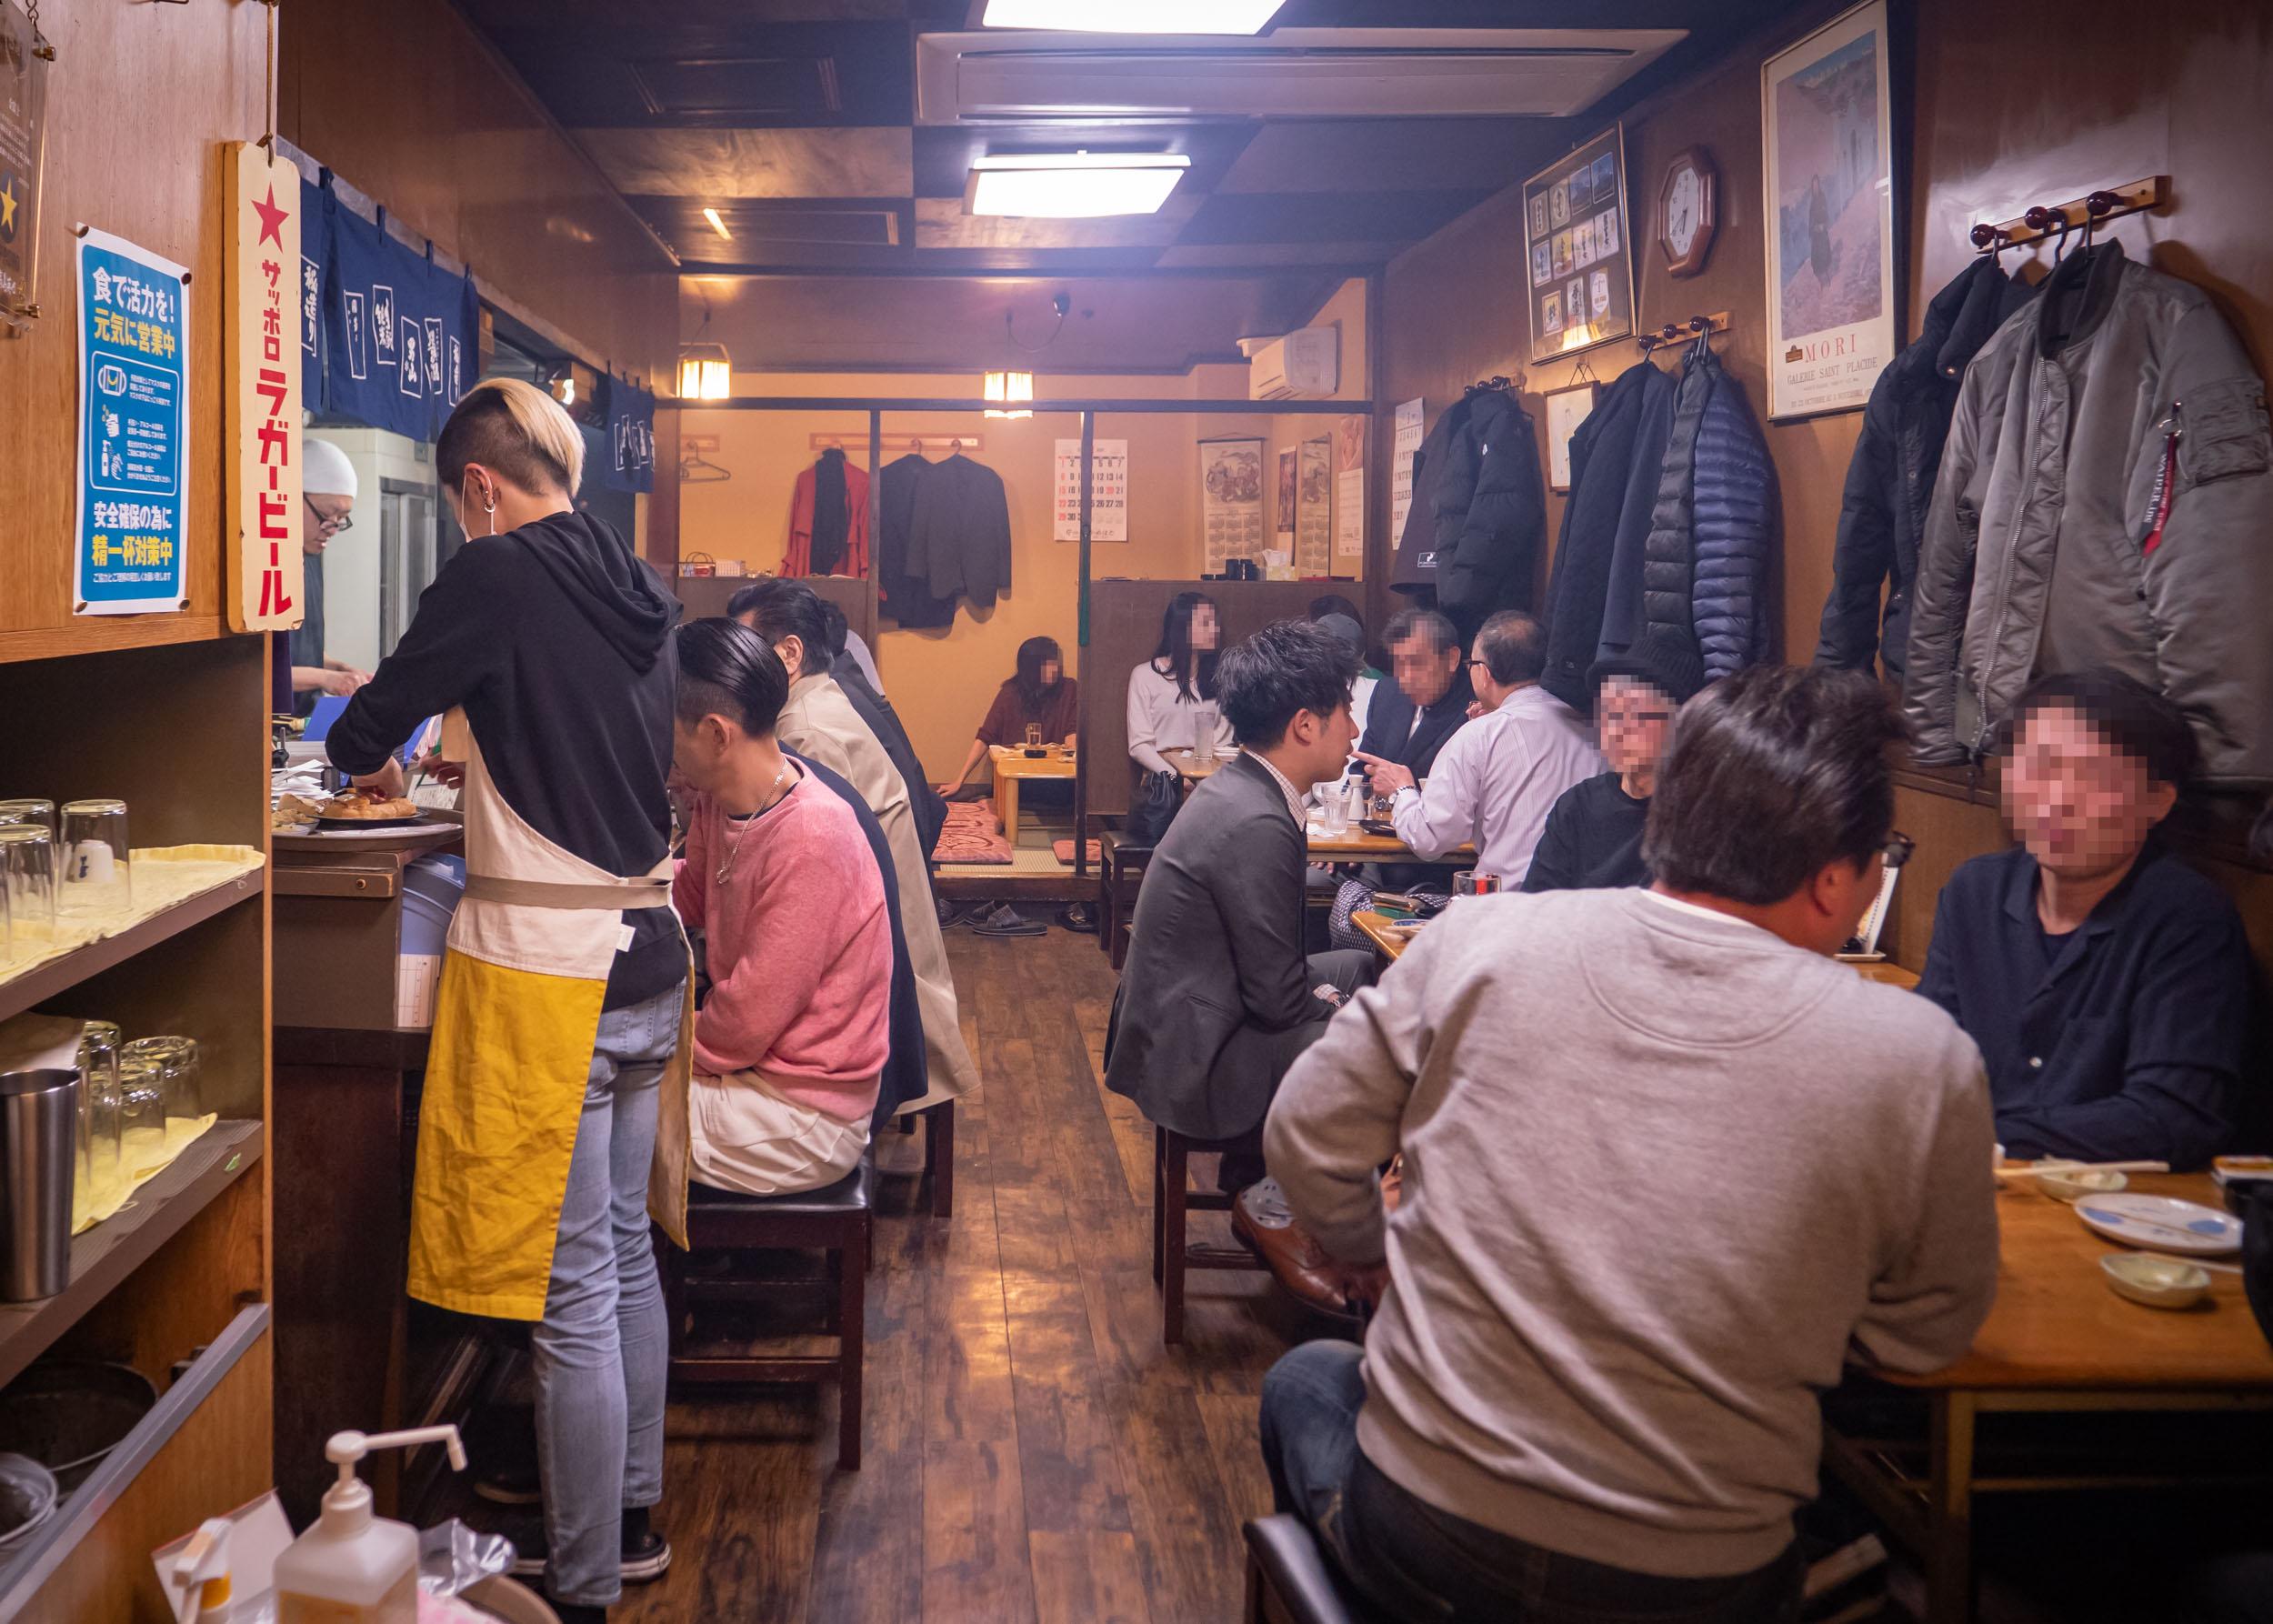 ススキノの「やき鳥金富士」店内の盛況 DMC-GX8 + LEICA DG 12-60mm